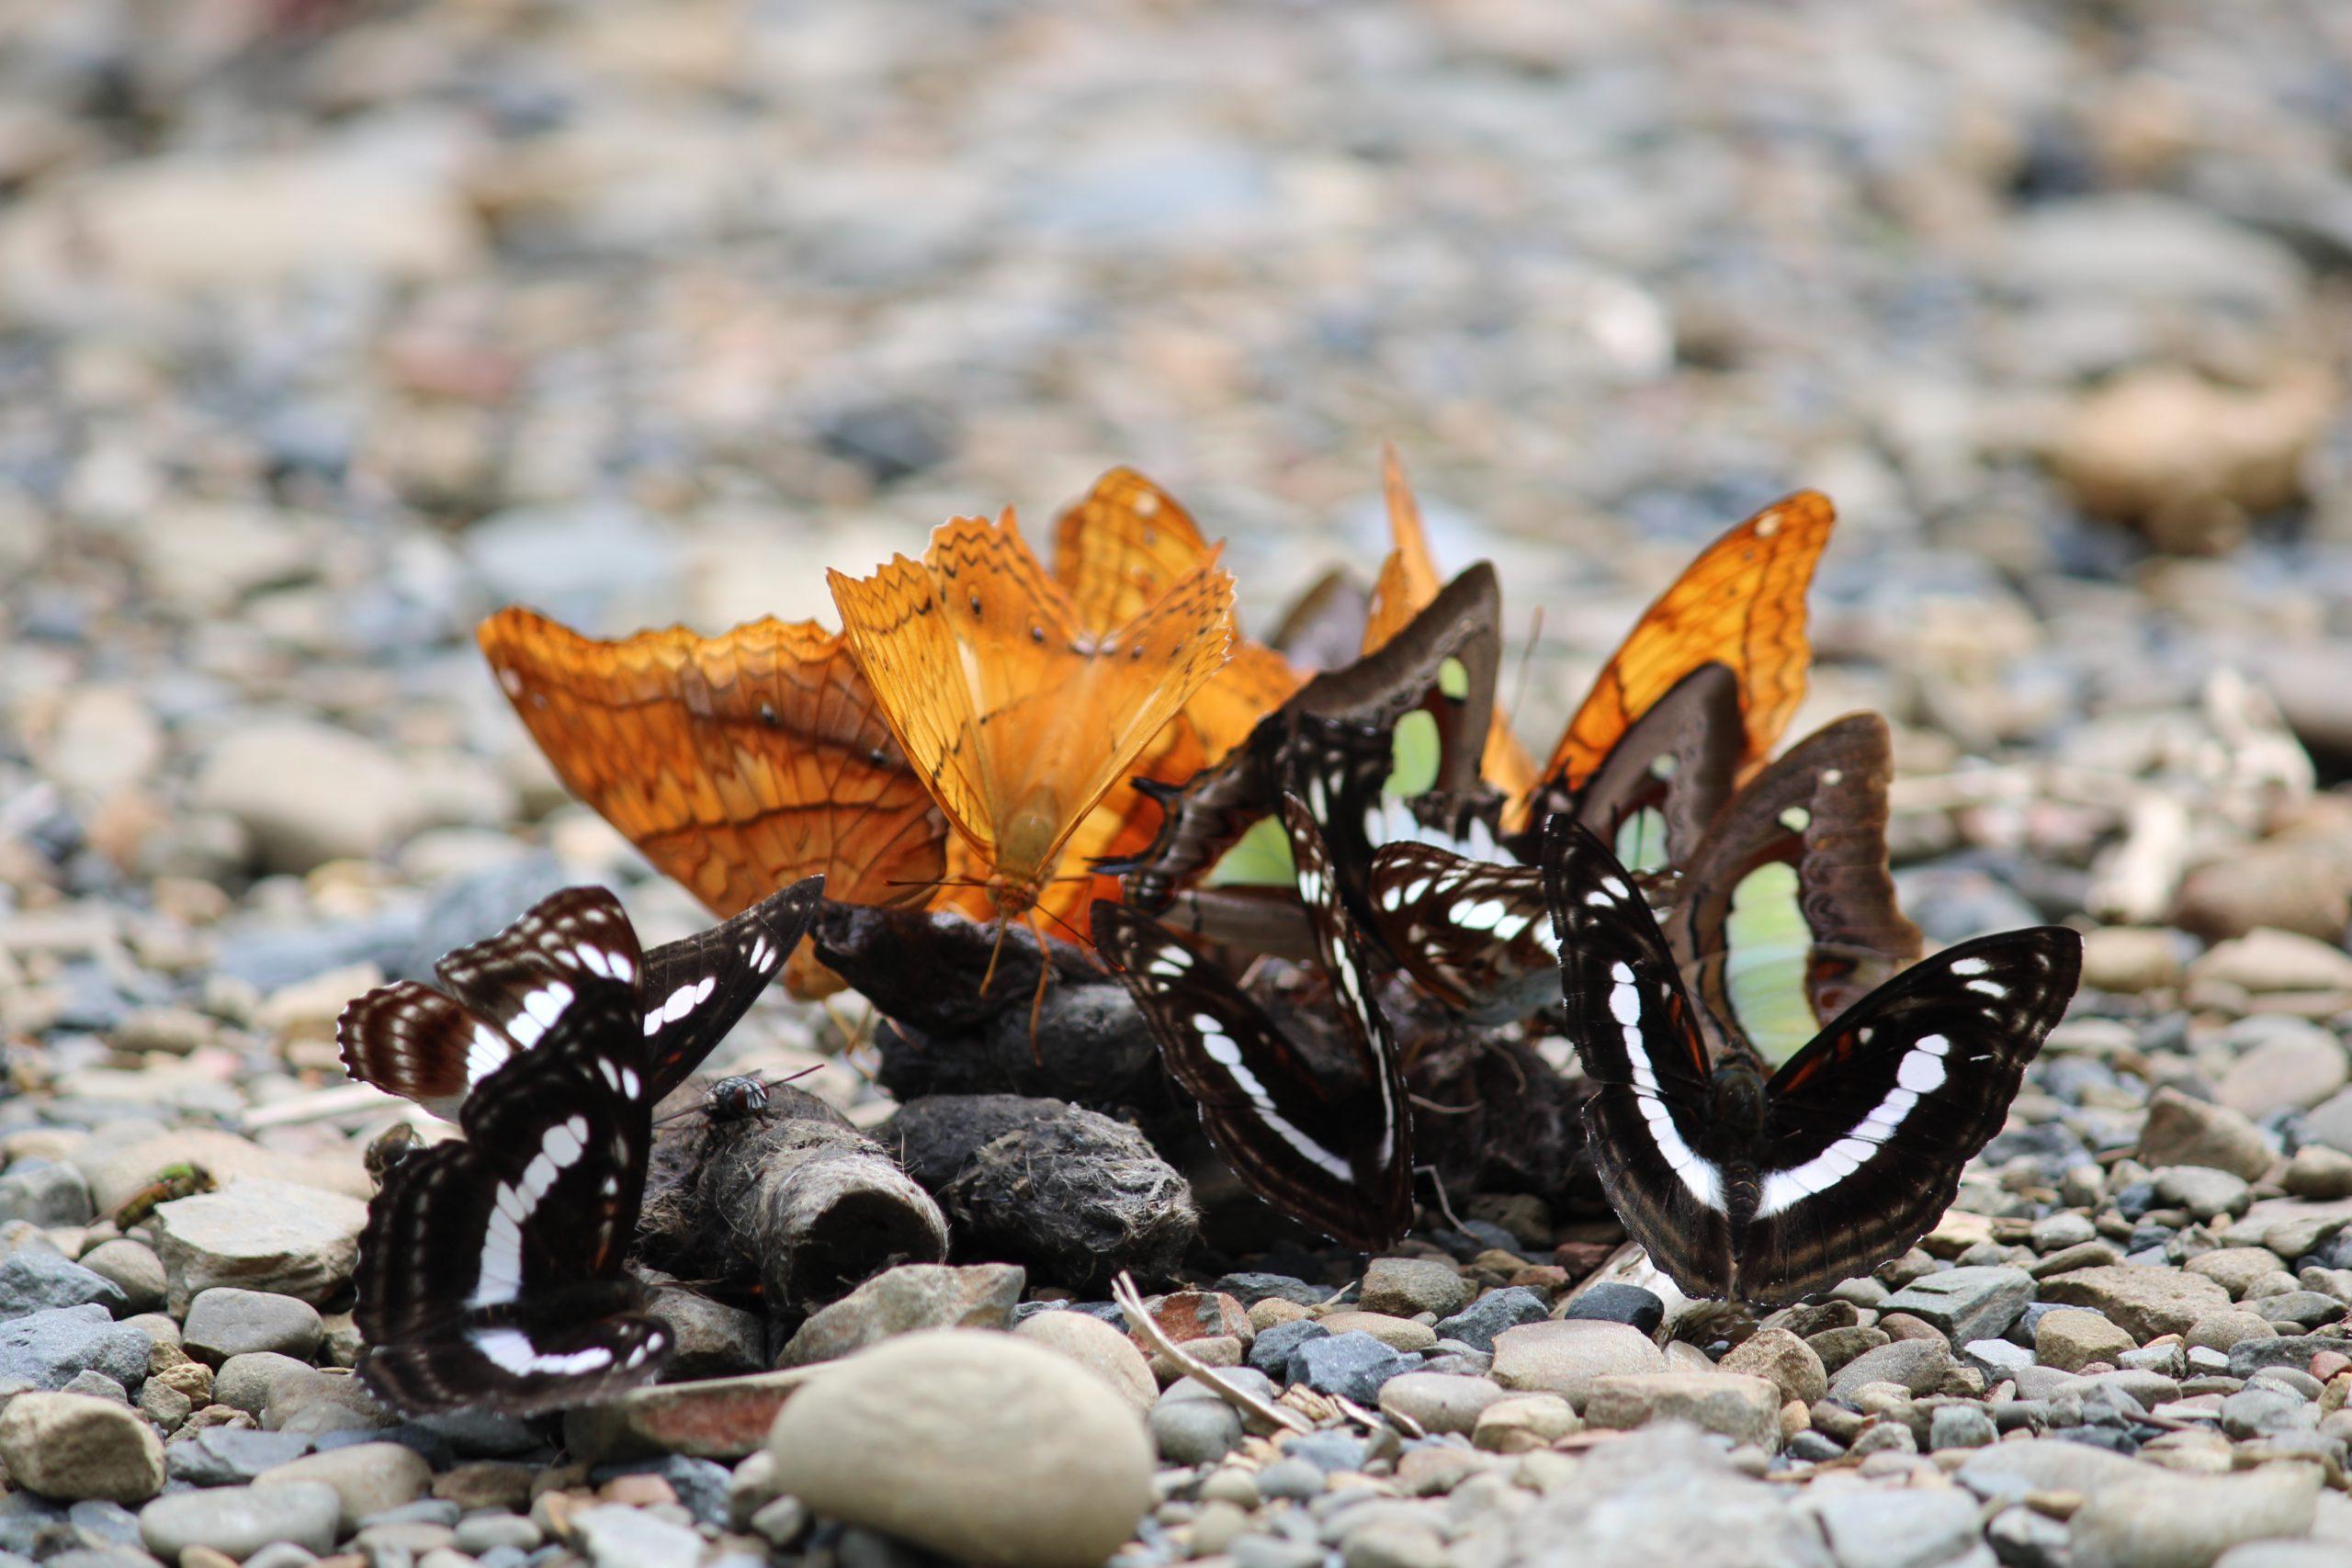 A group of butterflies